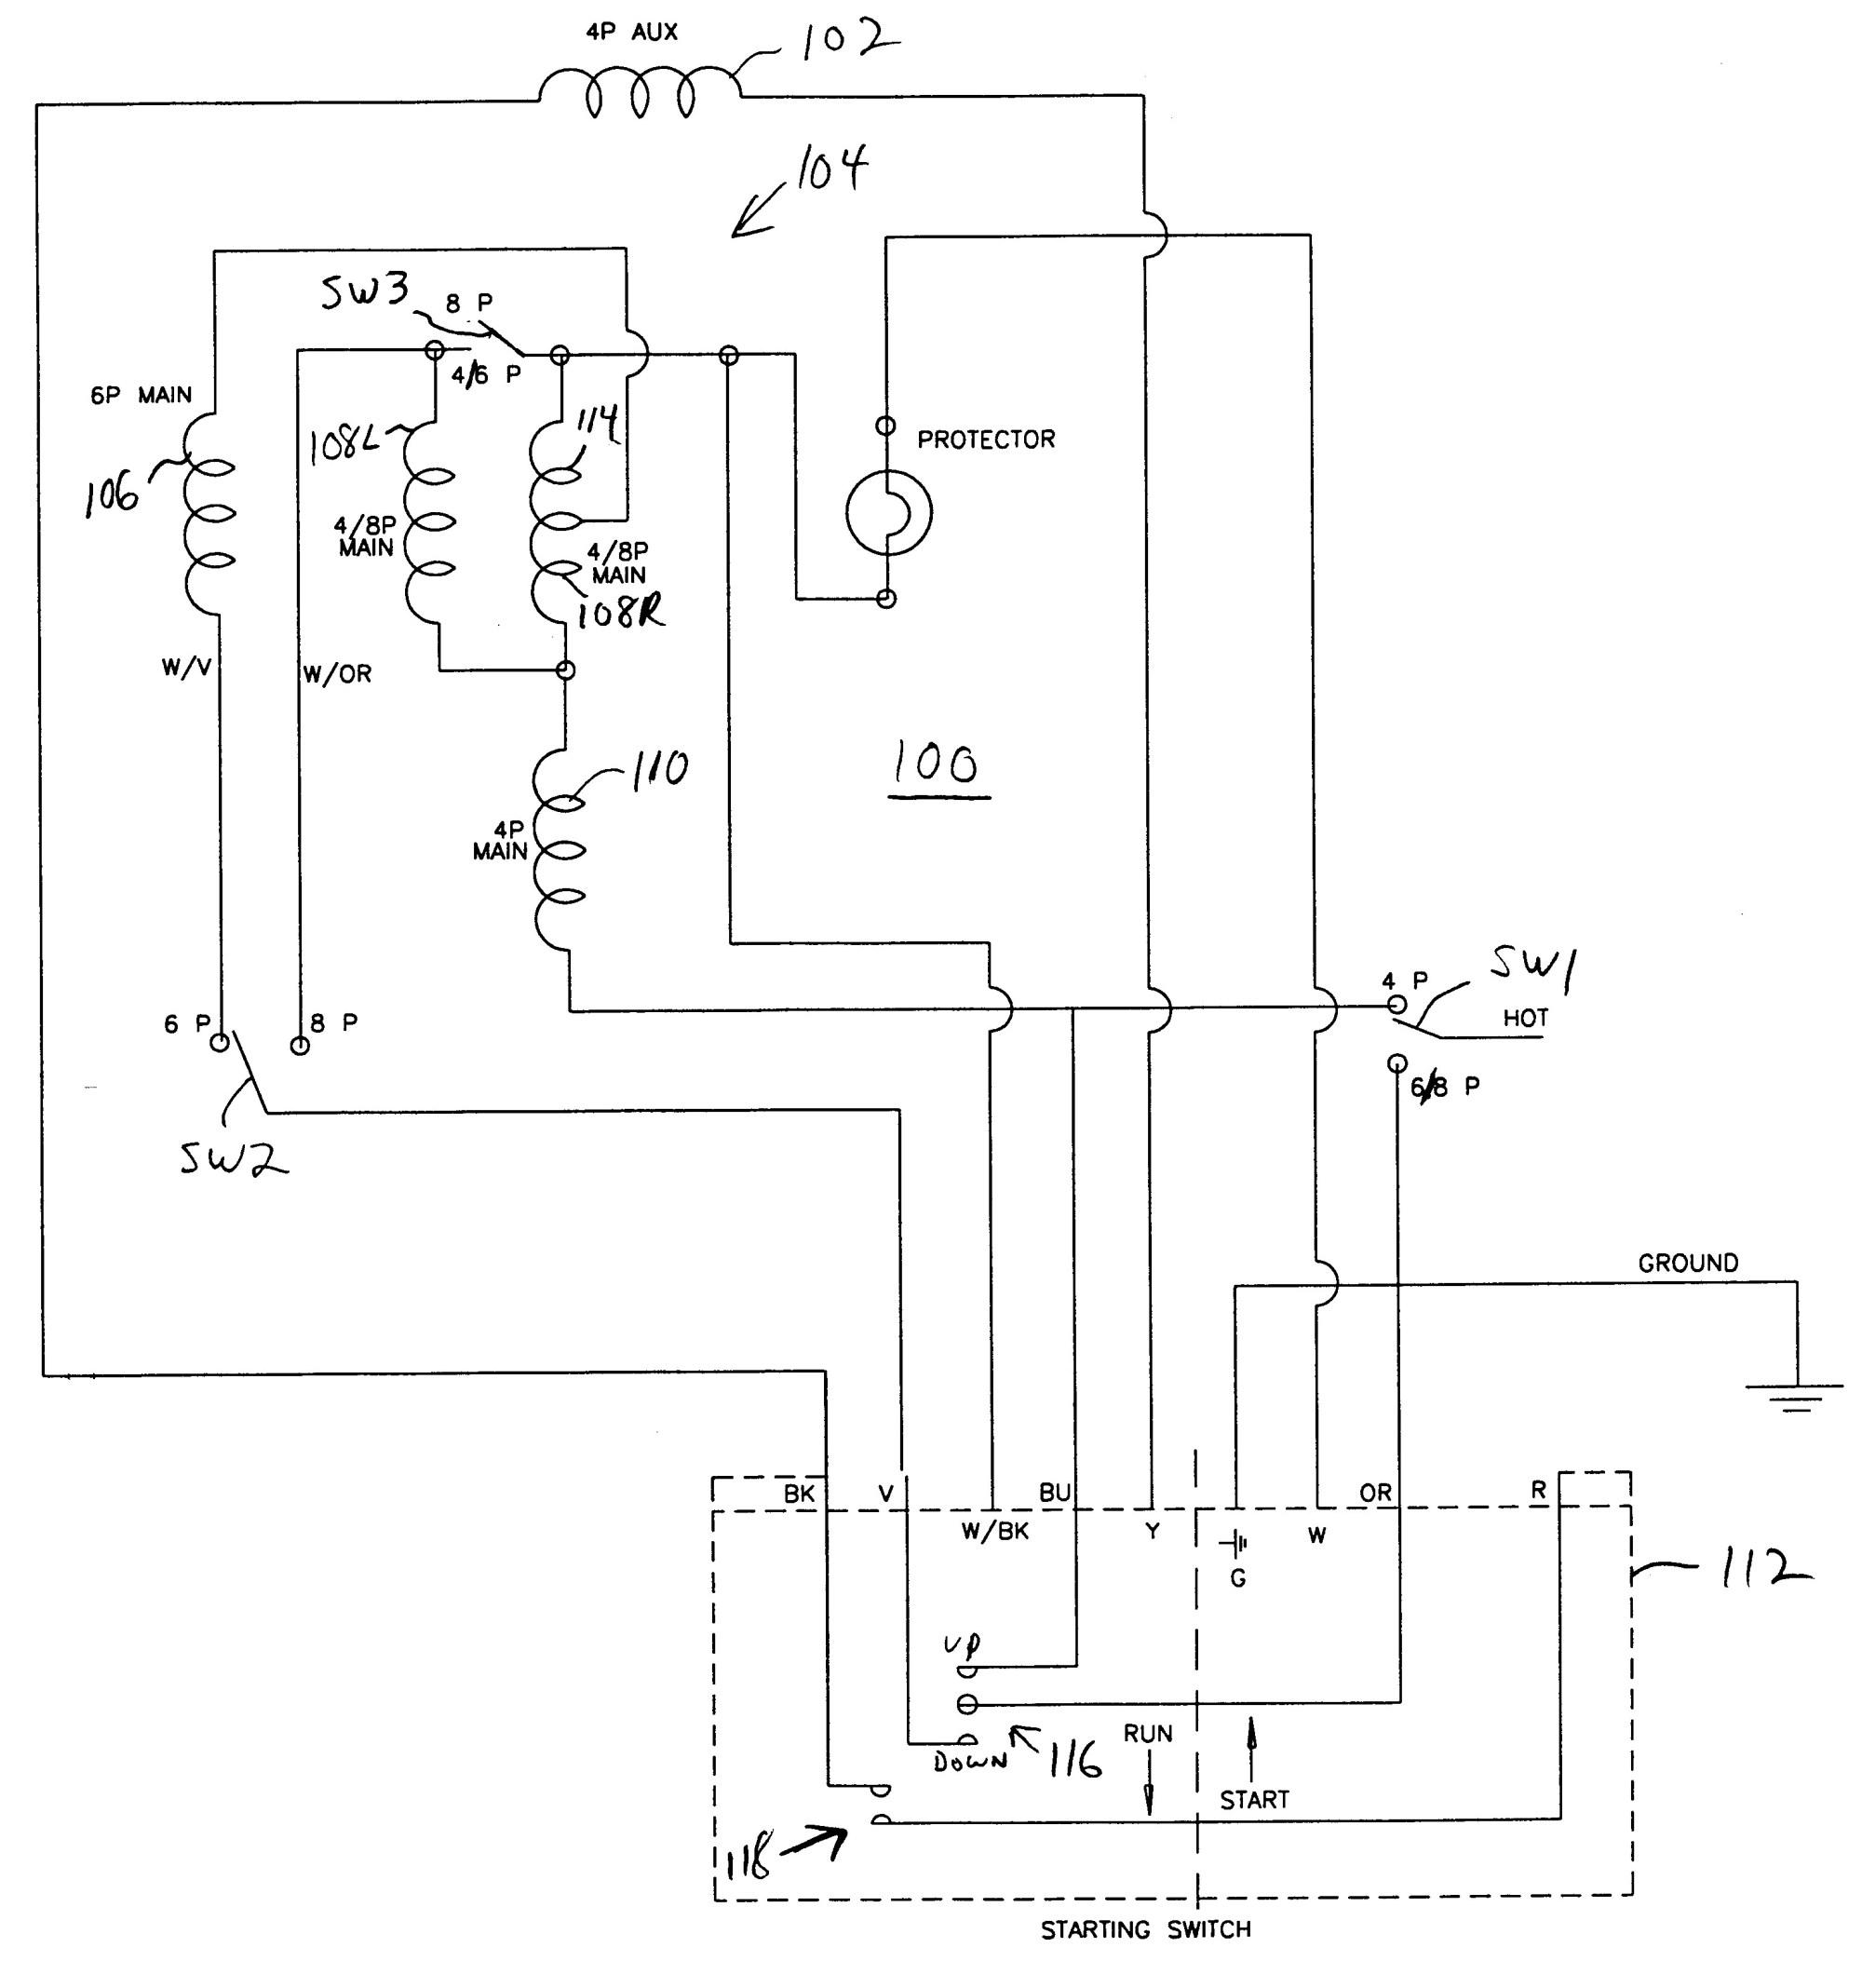 hight resolution of yuken directional valve wiring diagram electric motor capacitor wiring diagram wiring diagram for electric motor